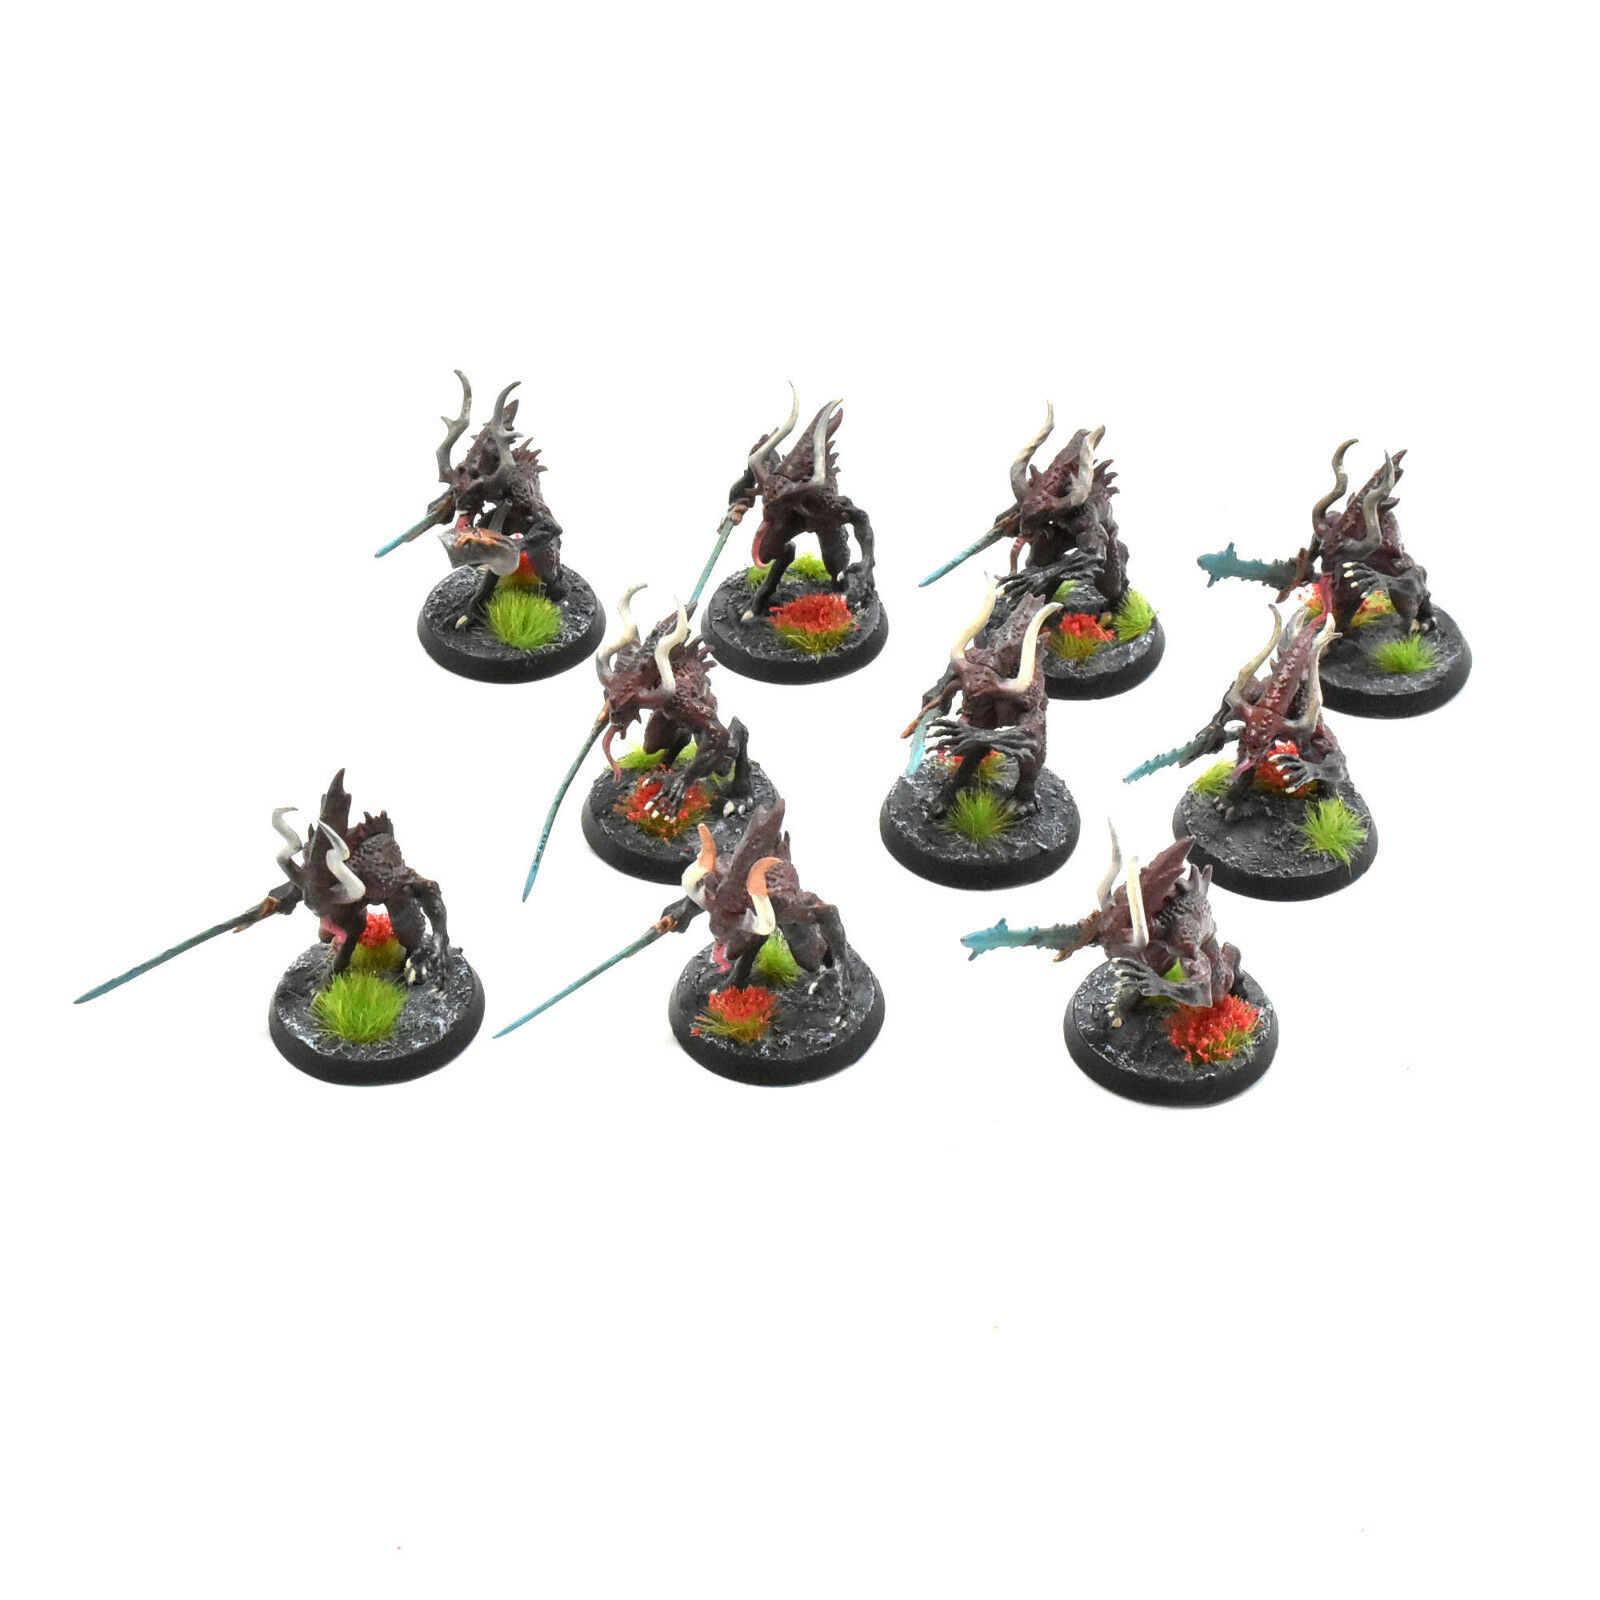 Dämonen chaos 10 bloodletters   warhammer 40k sigmar khorne 4 gut gemalt